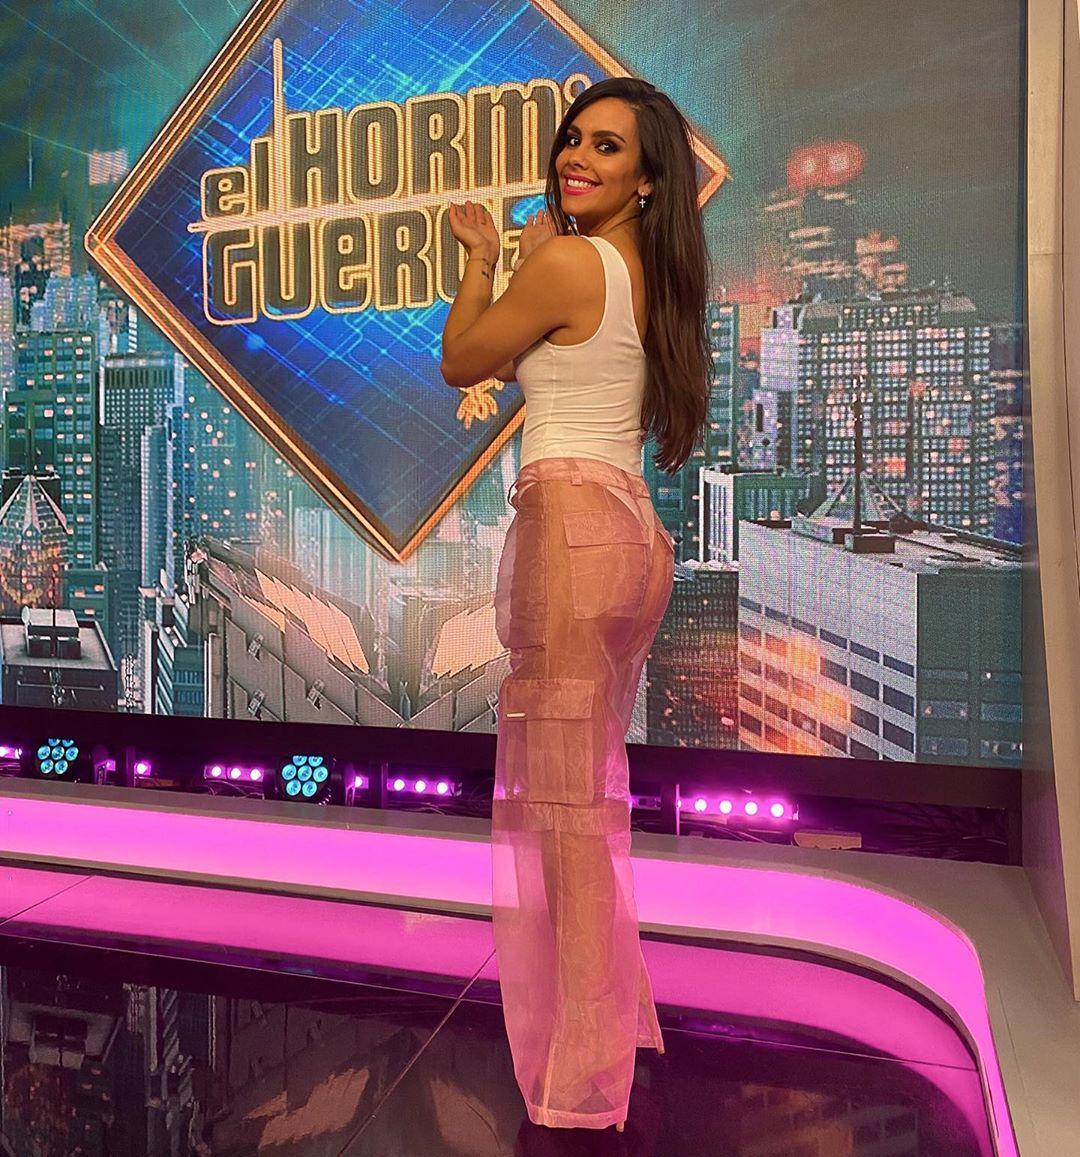 Arden de nuevo las redes con Cristina Pedroche en pantalones transparentes y tanga